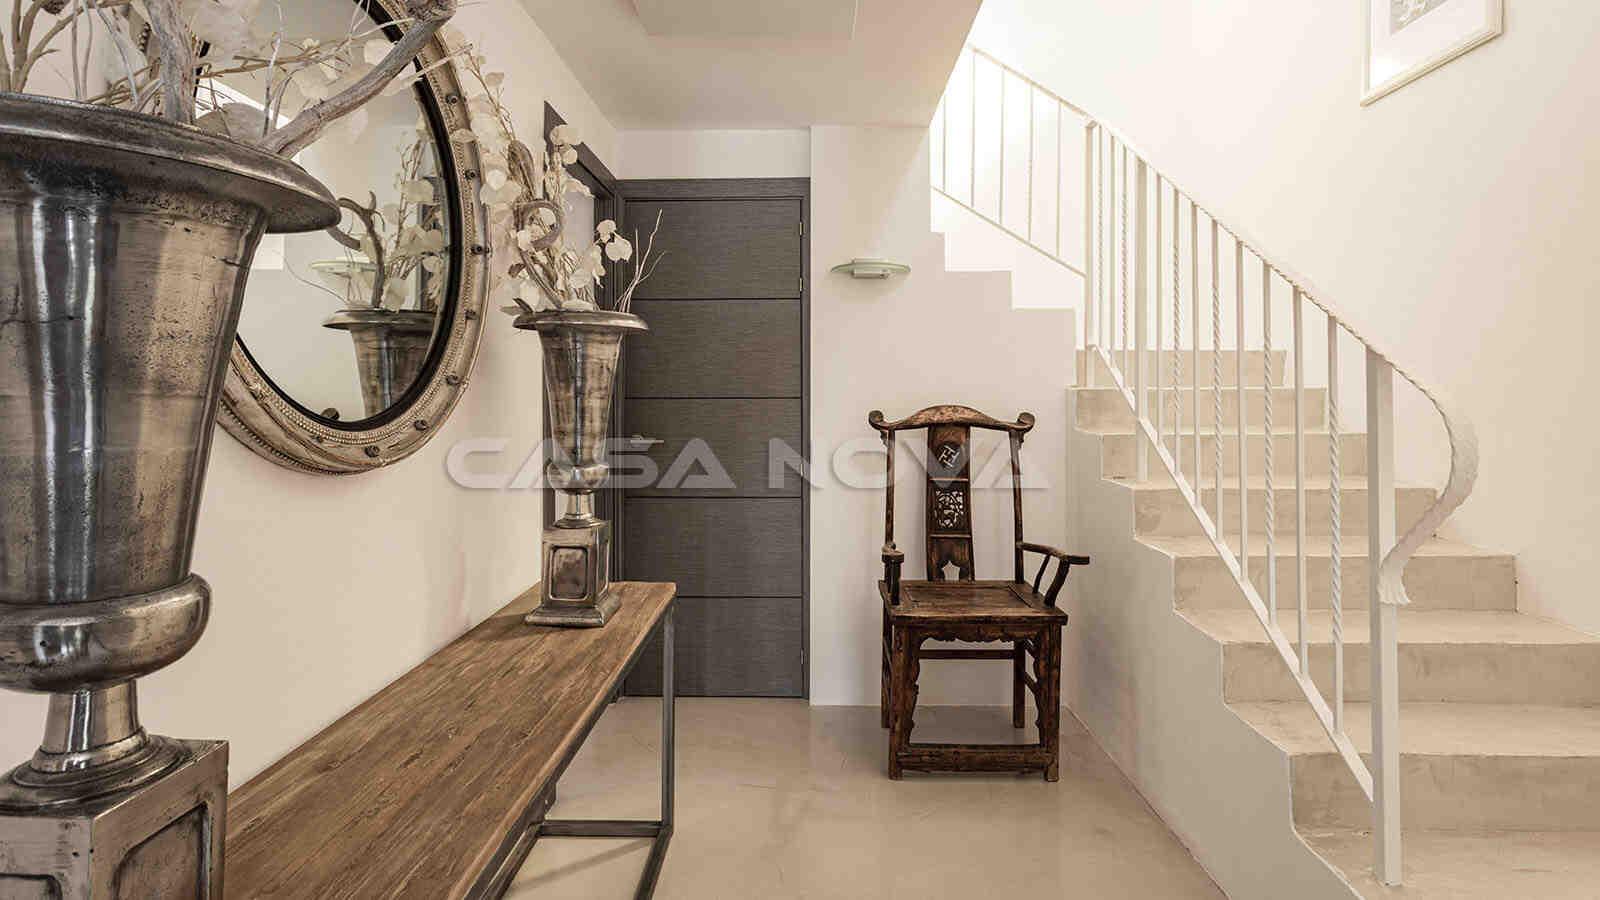 Eingangsbereich der Villa mit luxoriöser Ausstattung